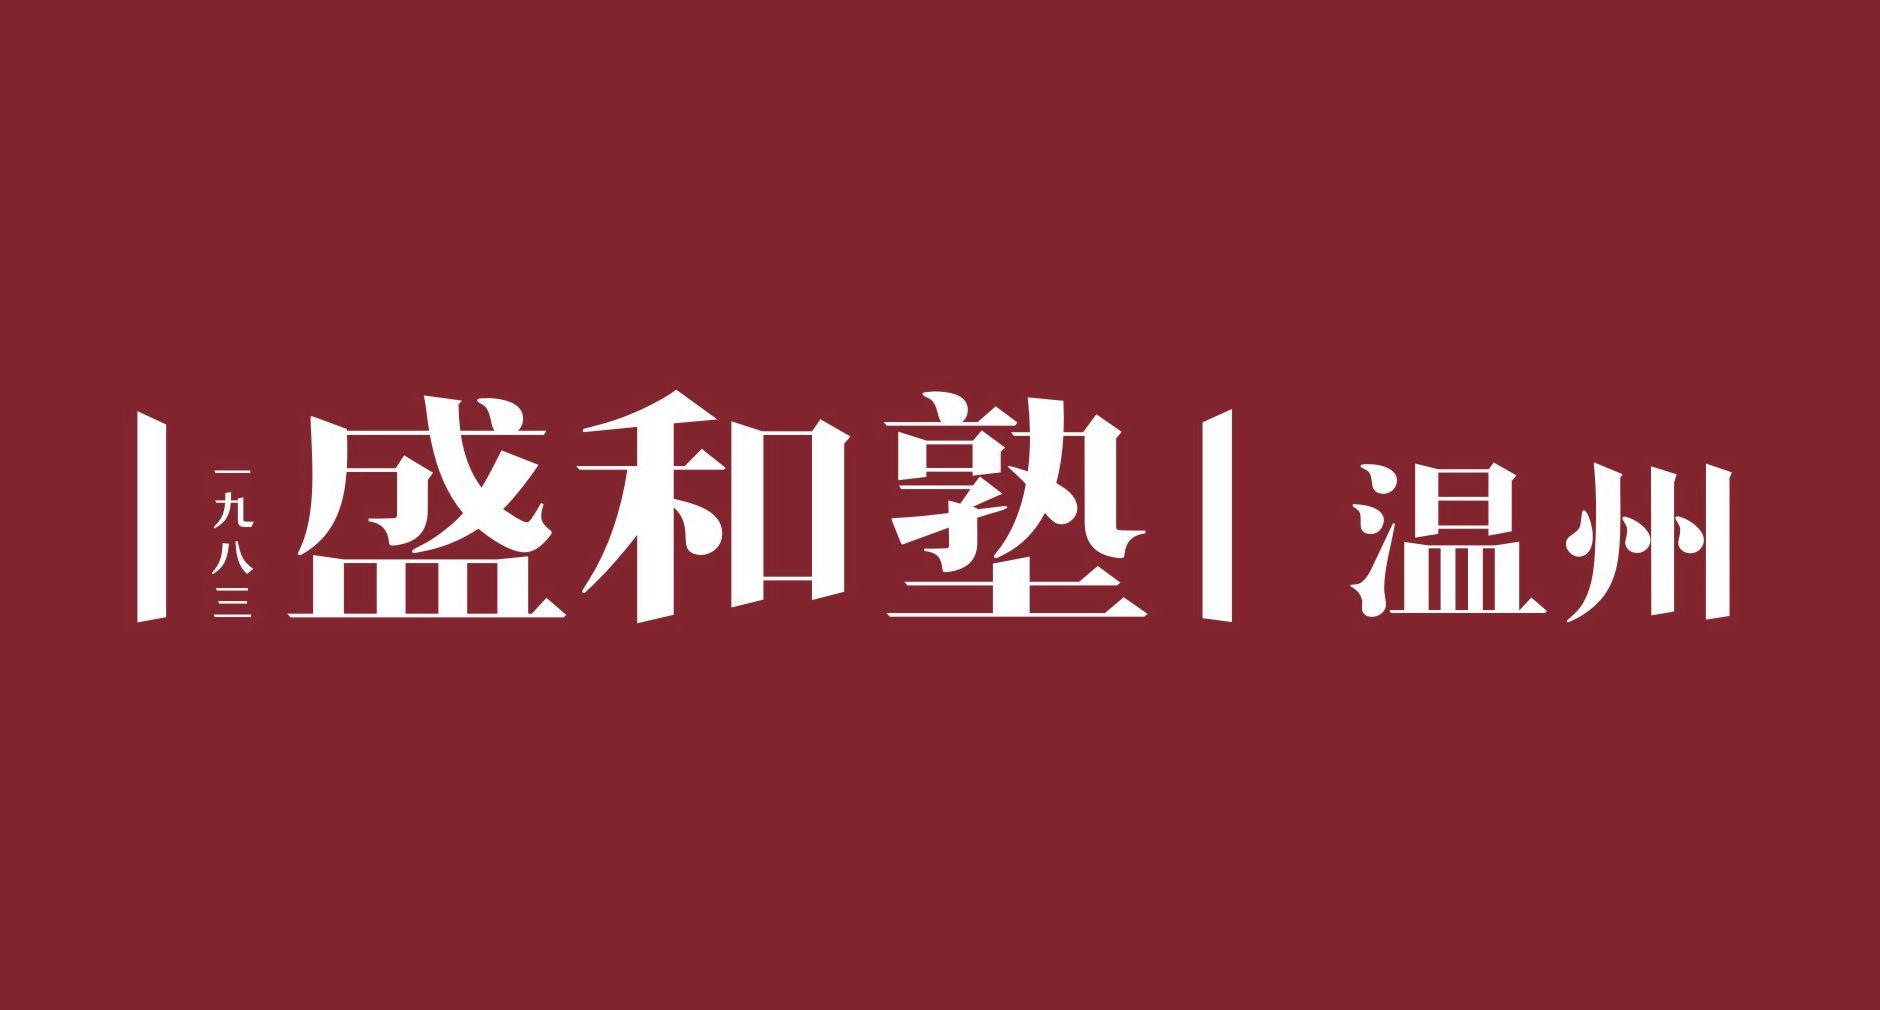 溫州盛和塾企業管理咨詢有限公司